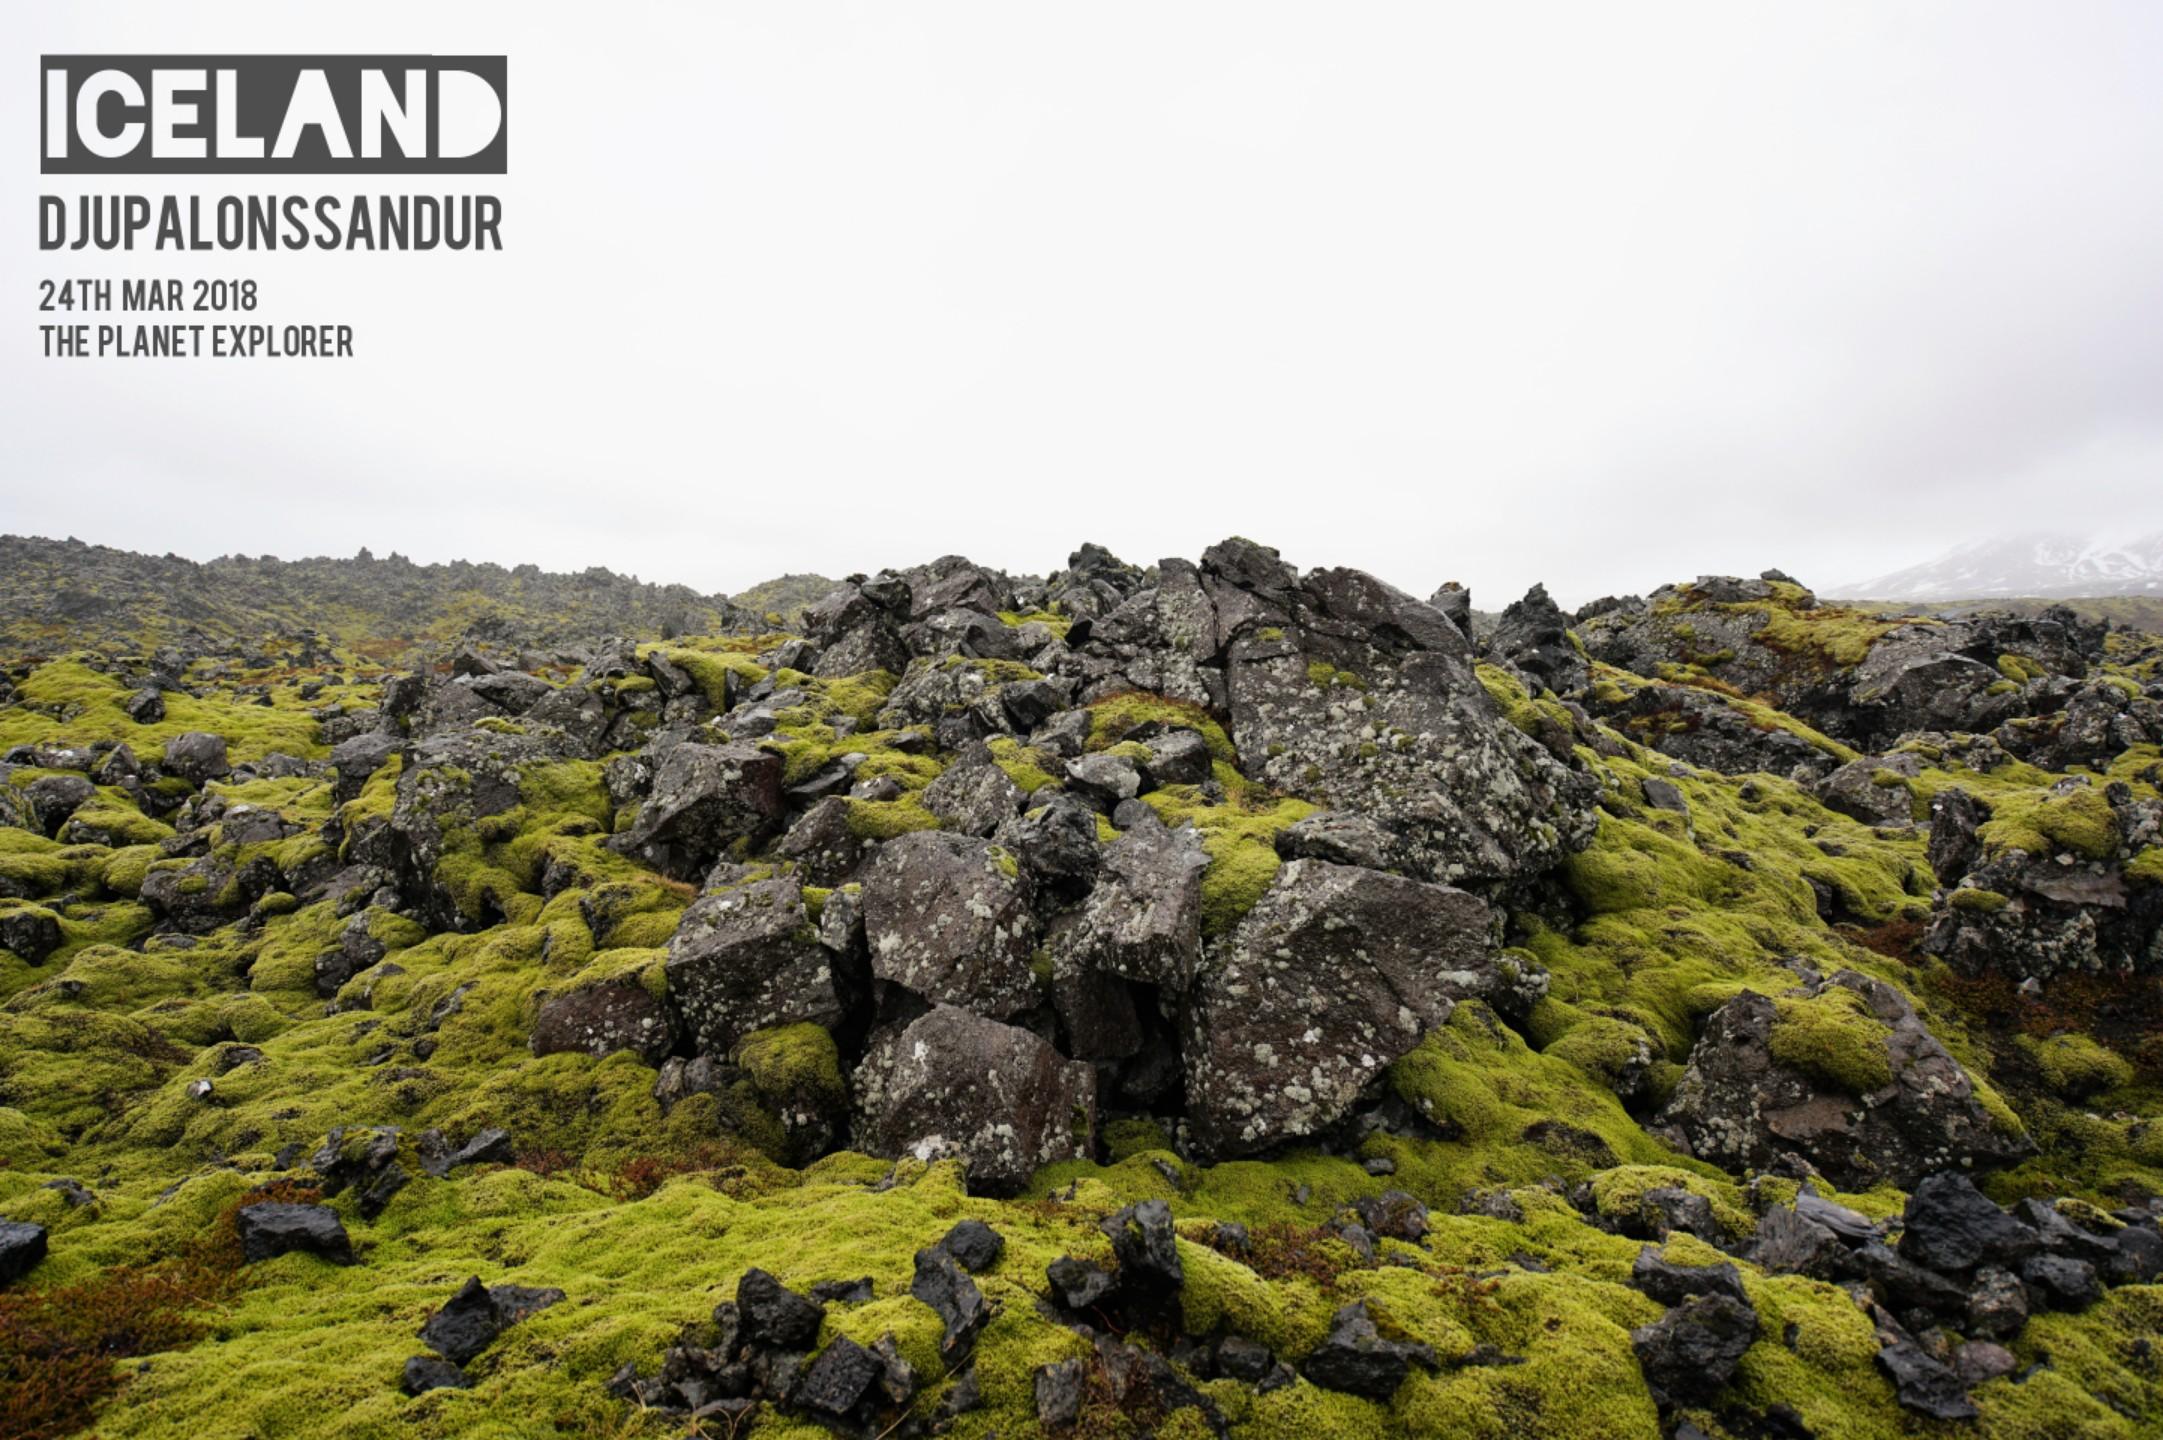 20170324_1518_Iceland_Djupalonssandur_DSC02953_Sony a7R2_717kb_3x2_@_w